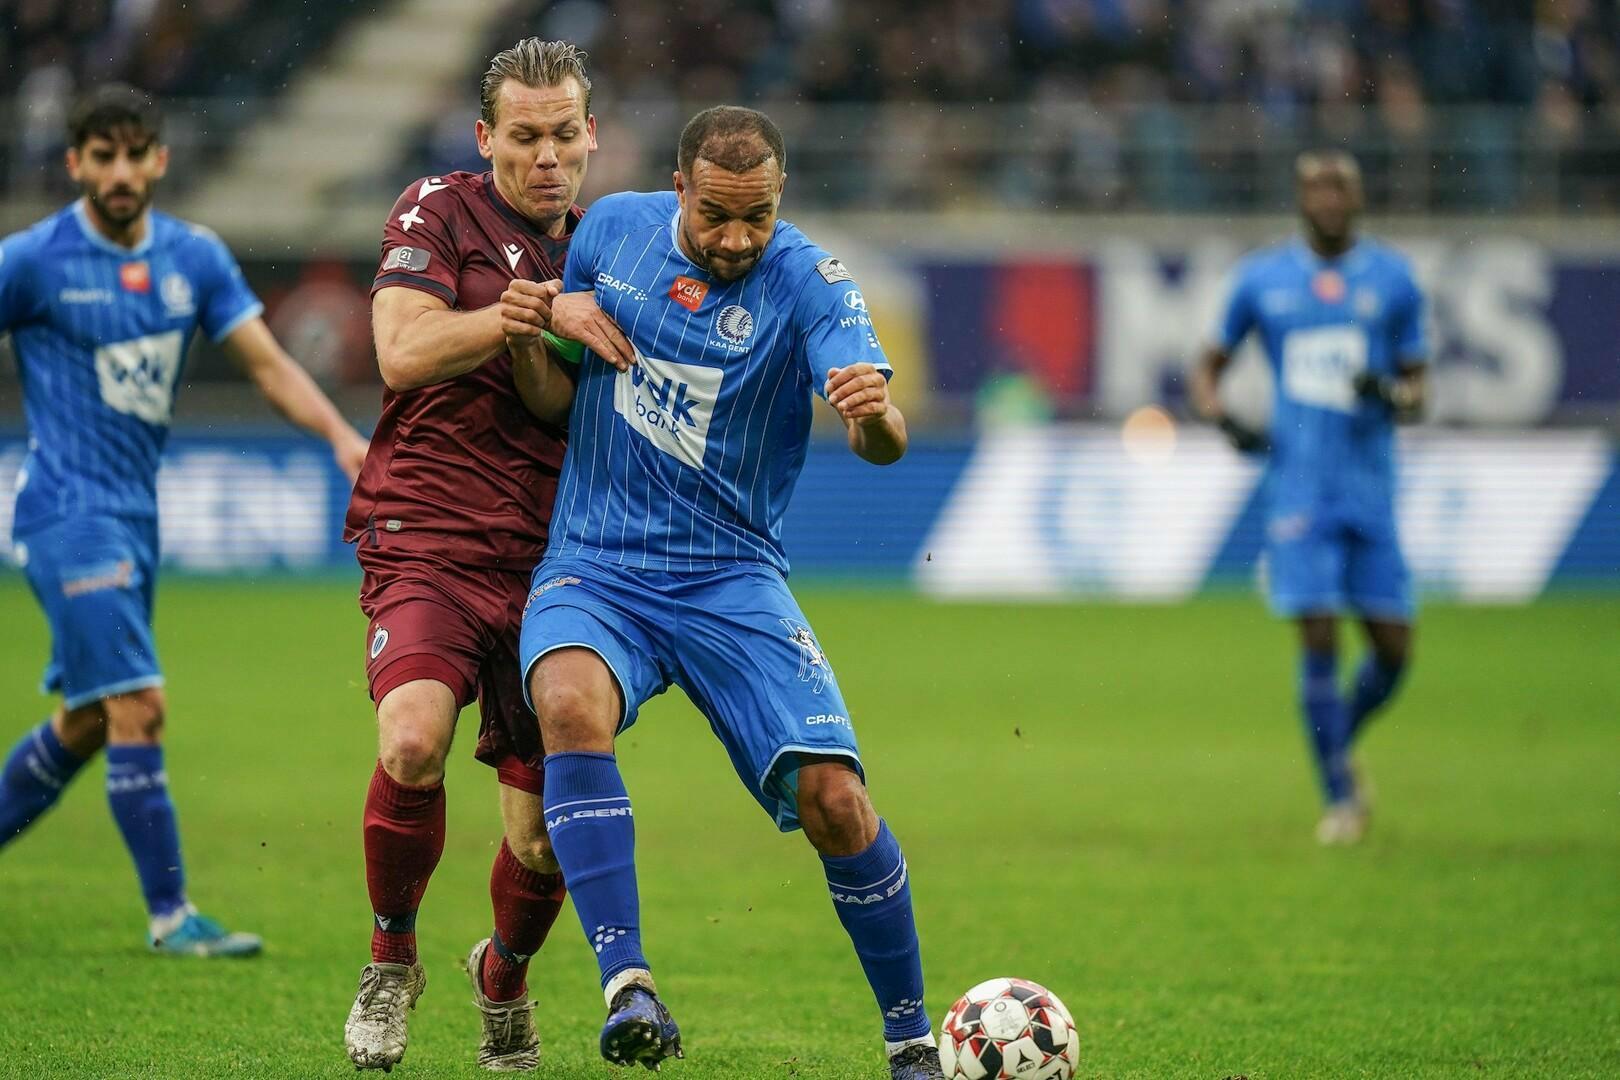 Nieuwe datum KAA Gent - Club Brugge